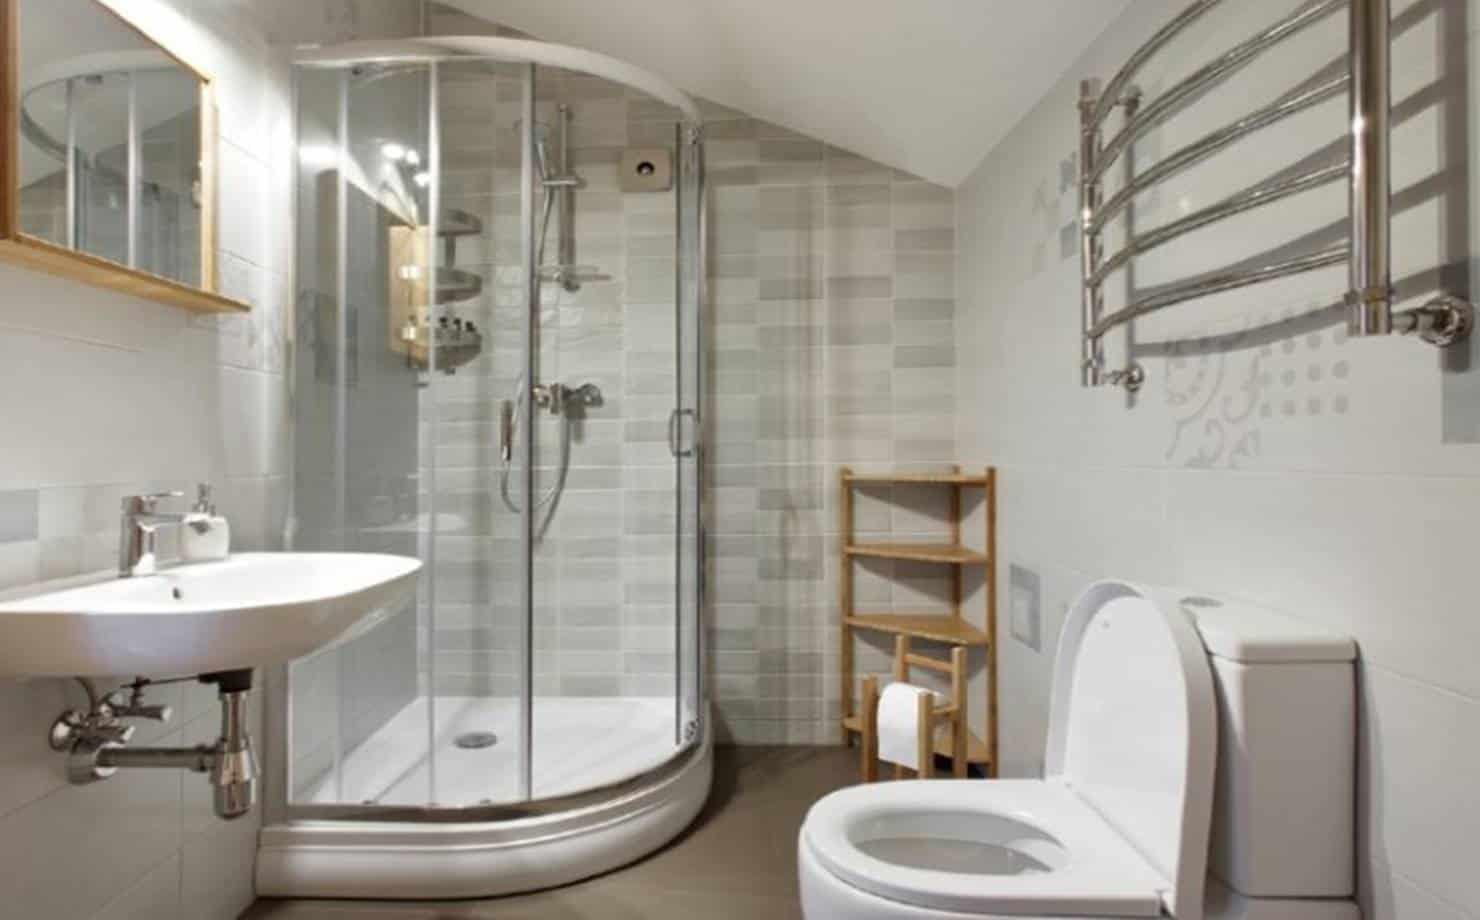 Aprenda a fazer um limpador multiuso e faça seu banheiro brilhar